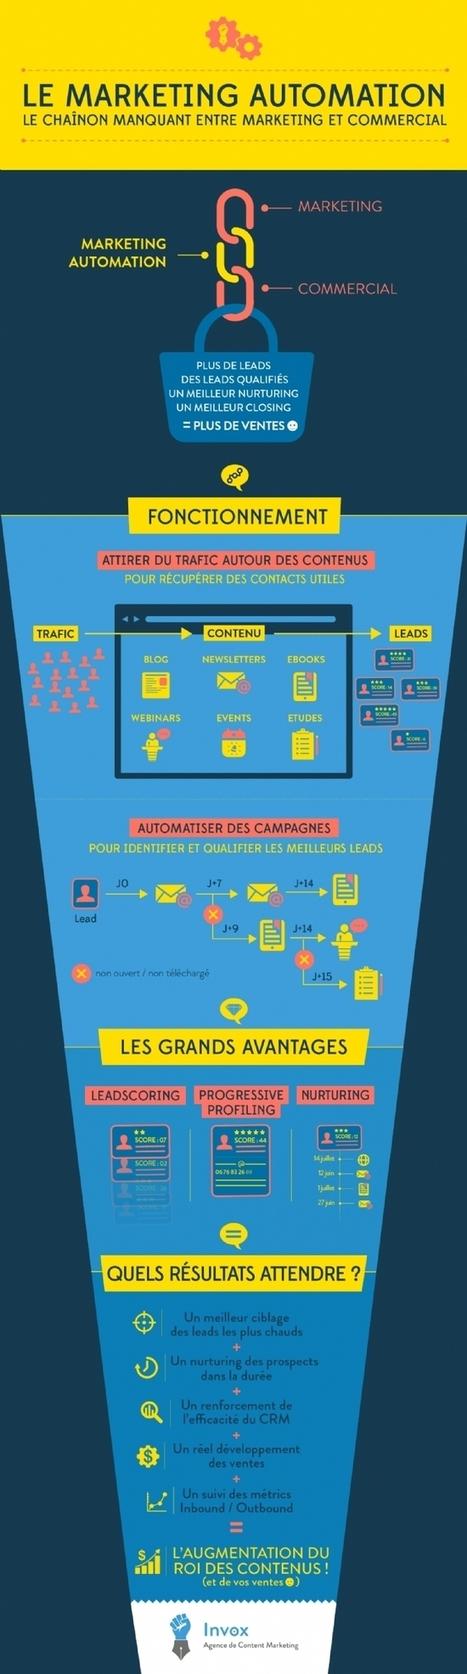 Infographie | Le marketing automation : pour des leads qualifiés | CRM | Scoop.it